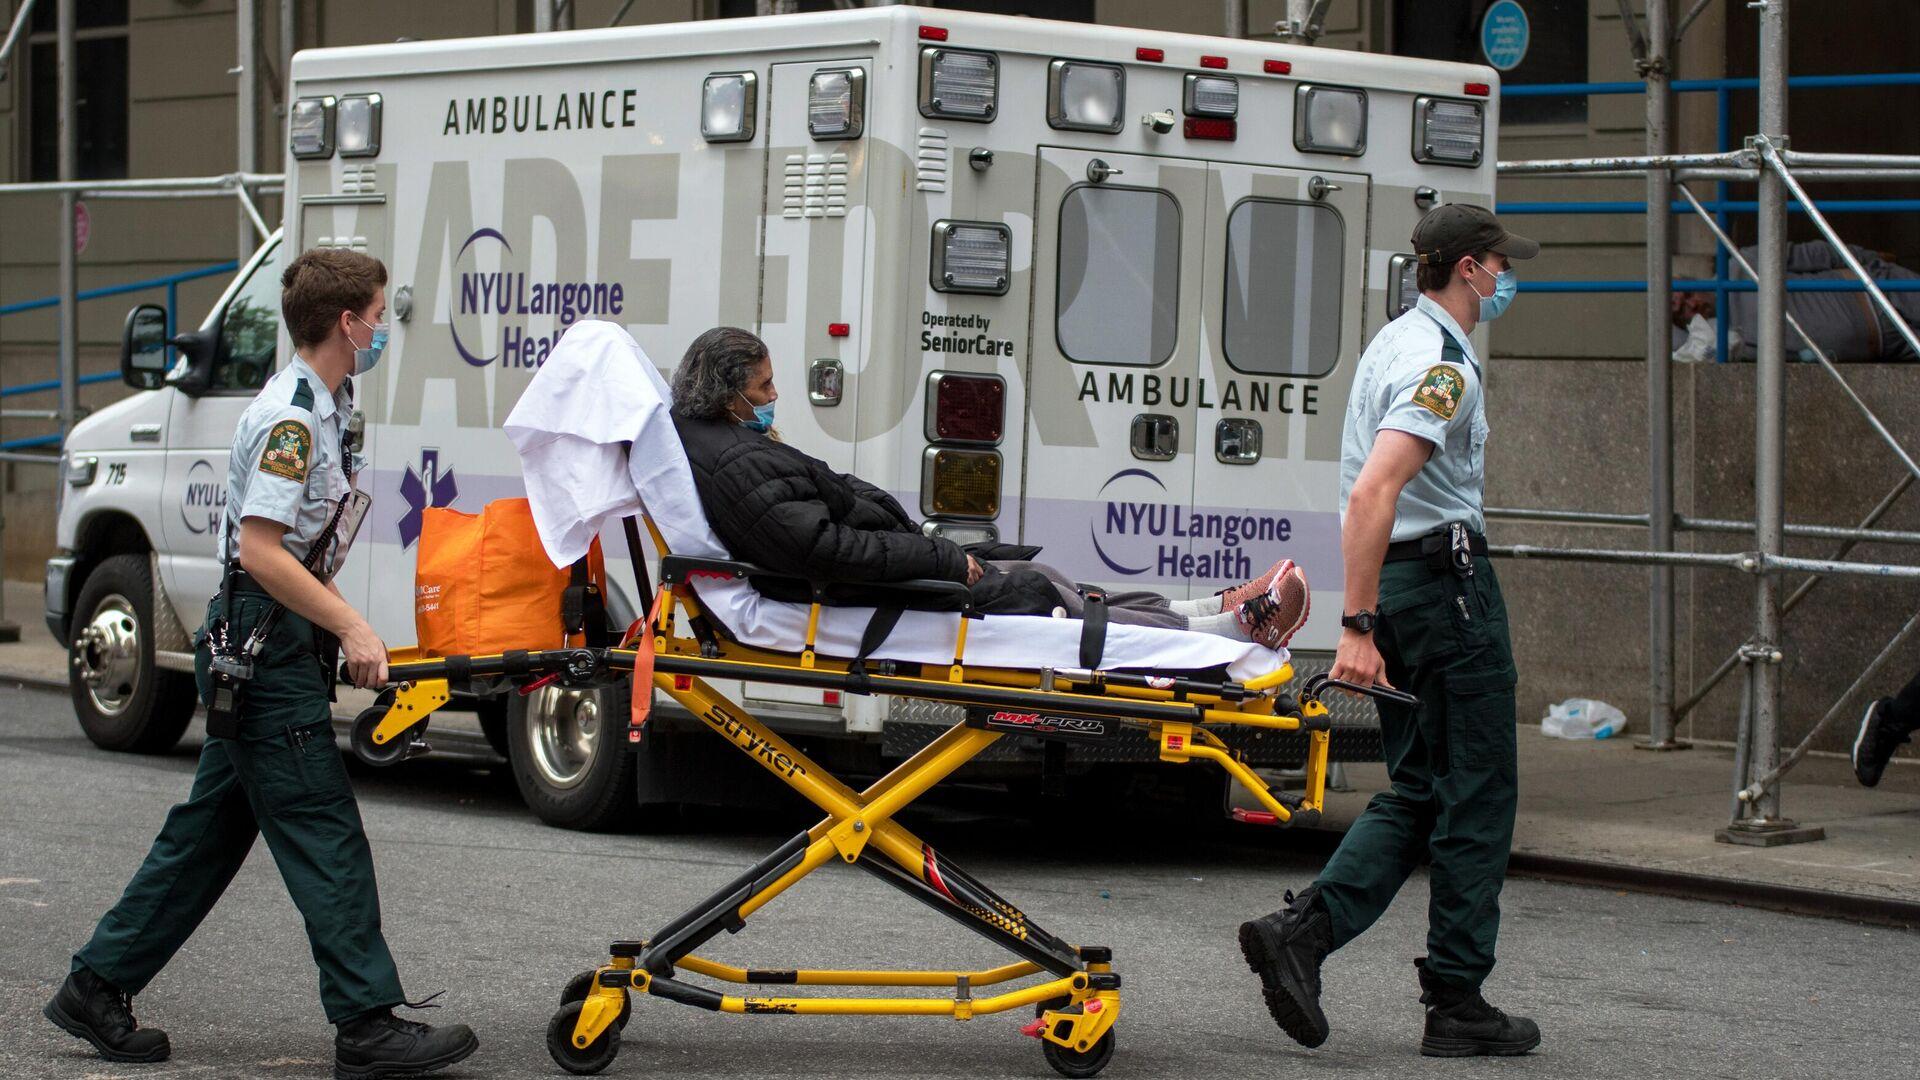 Медицинские работники доставили женщину в больницу на Манхэттене в Нью-Йорке. 23 октября 2020 - РИА Новости, 1920, 23.10.2020